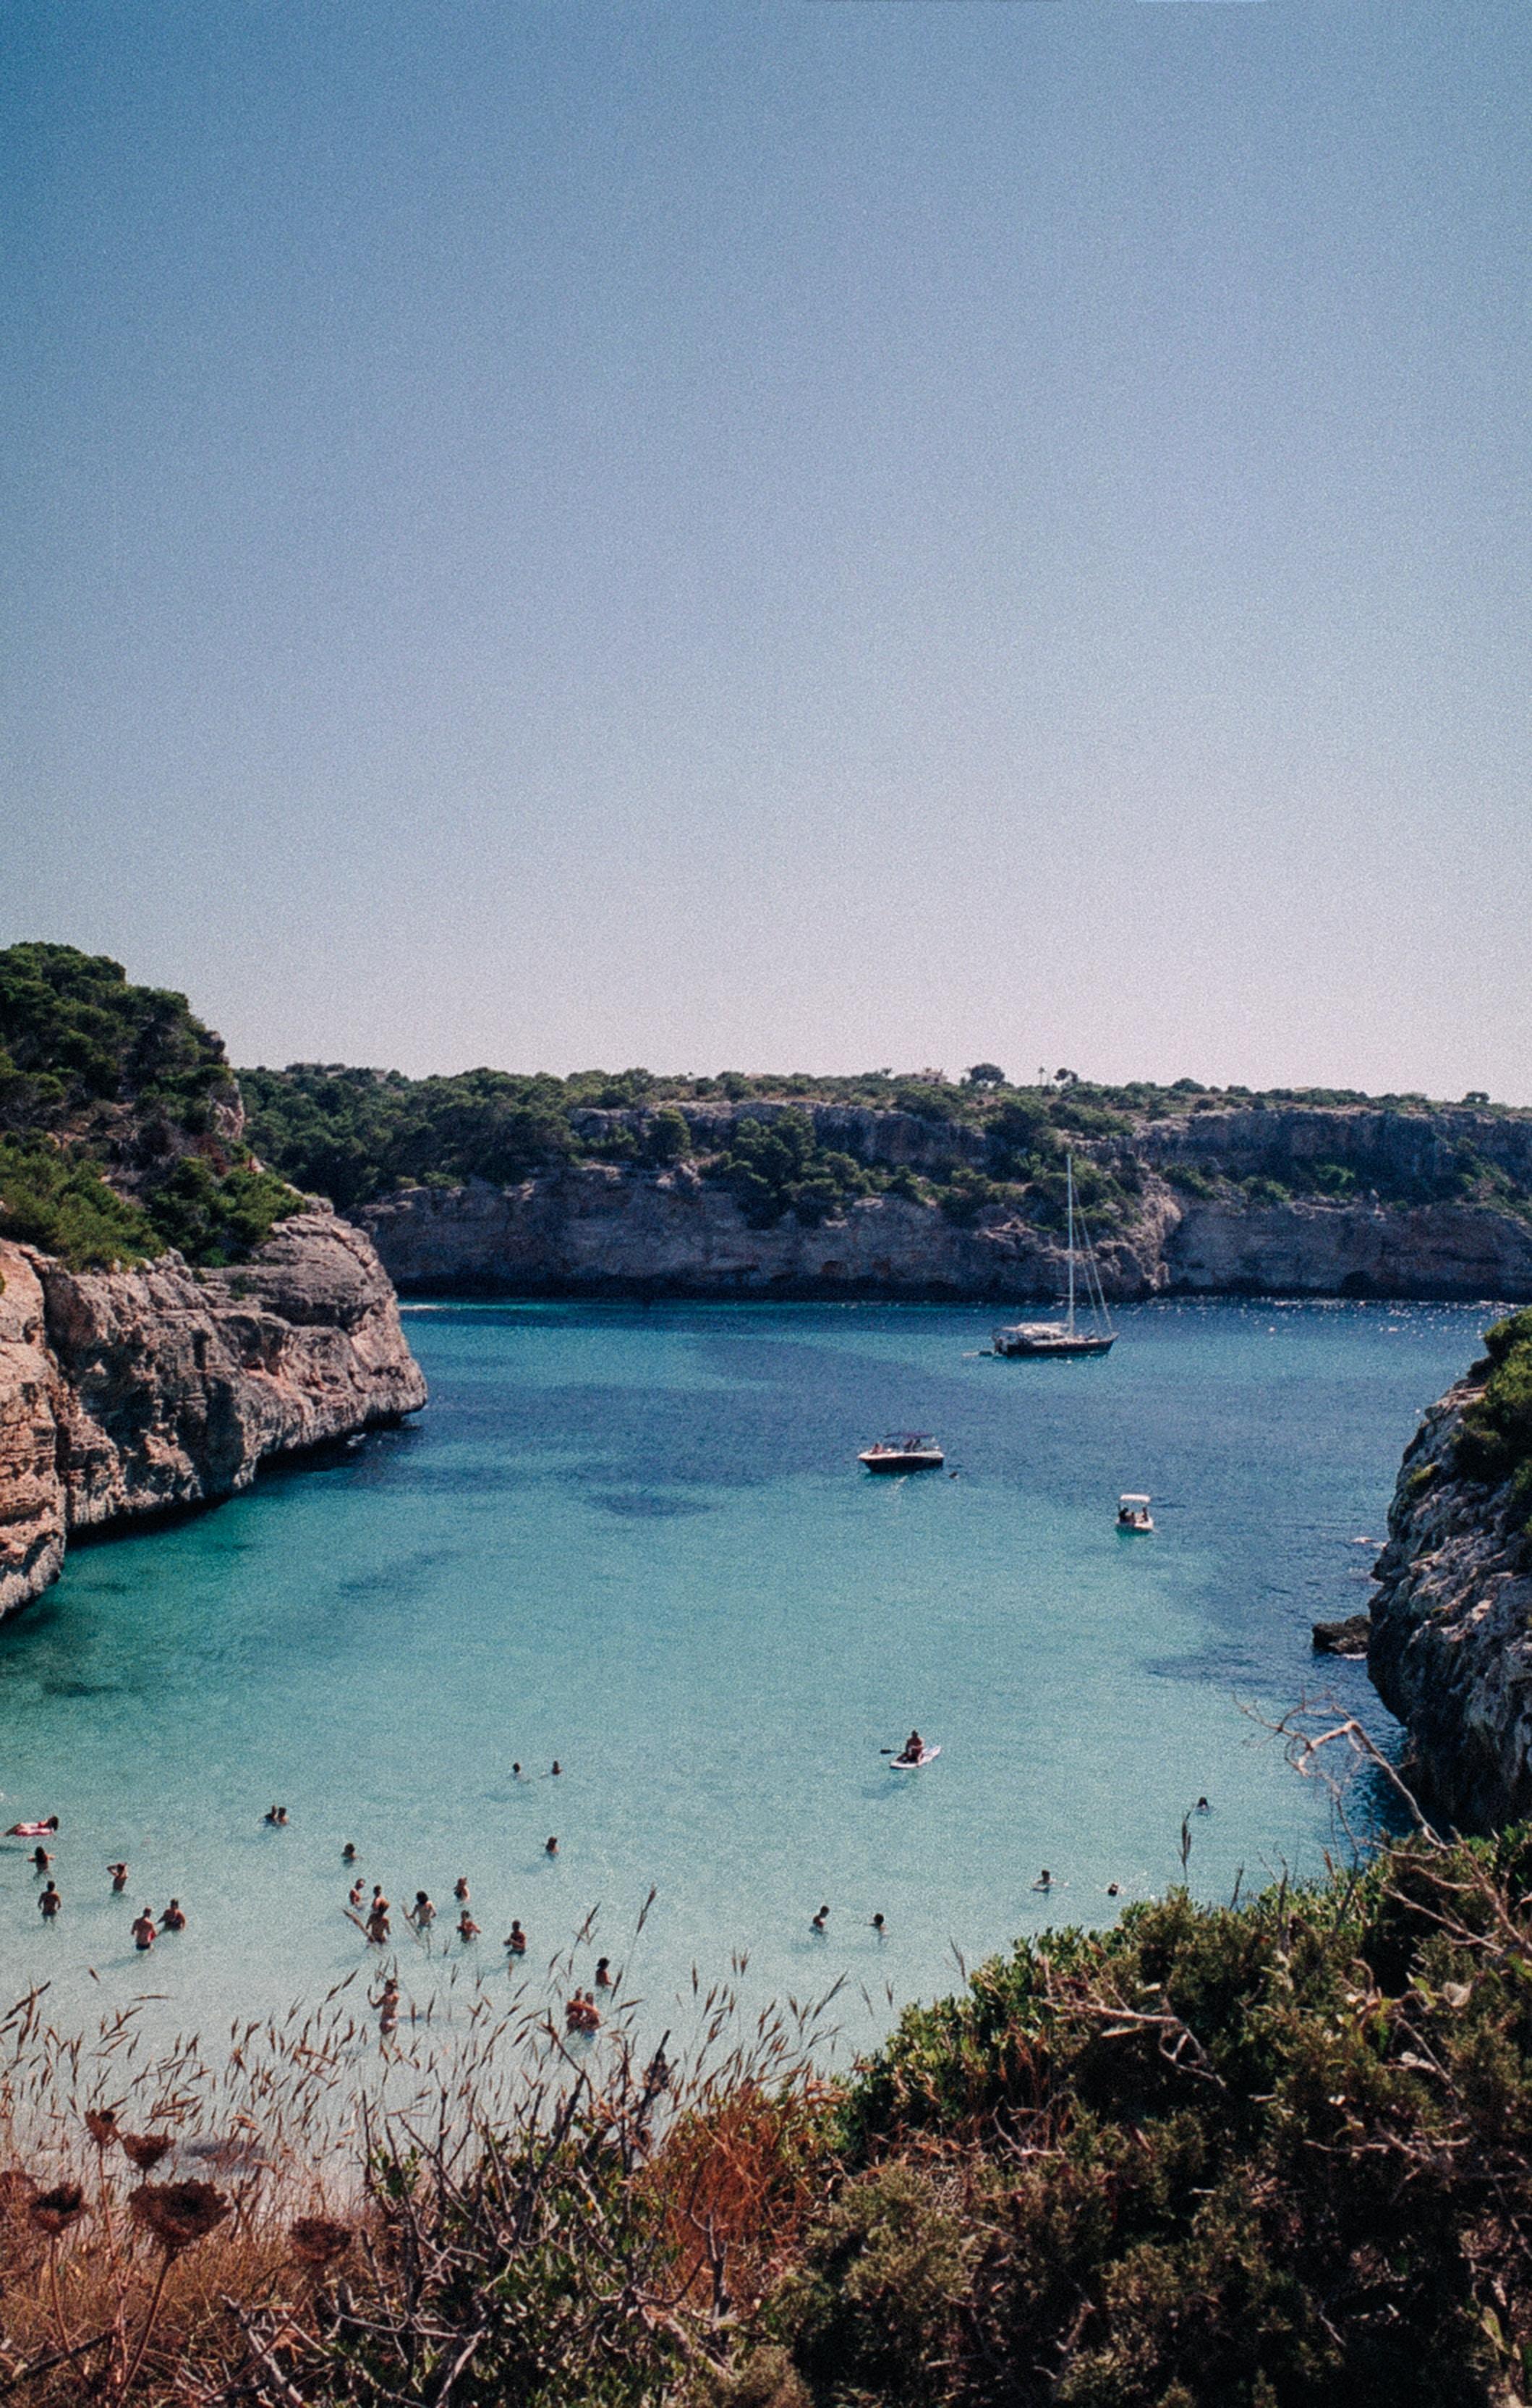 La mejor manera de explorar la belleza natural de Mallorca es en bicicleta